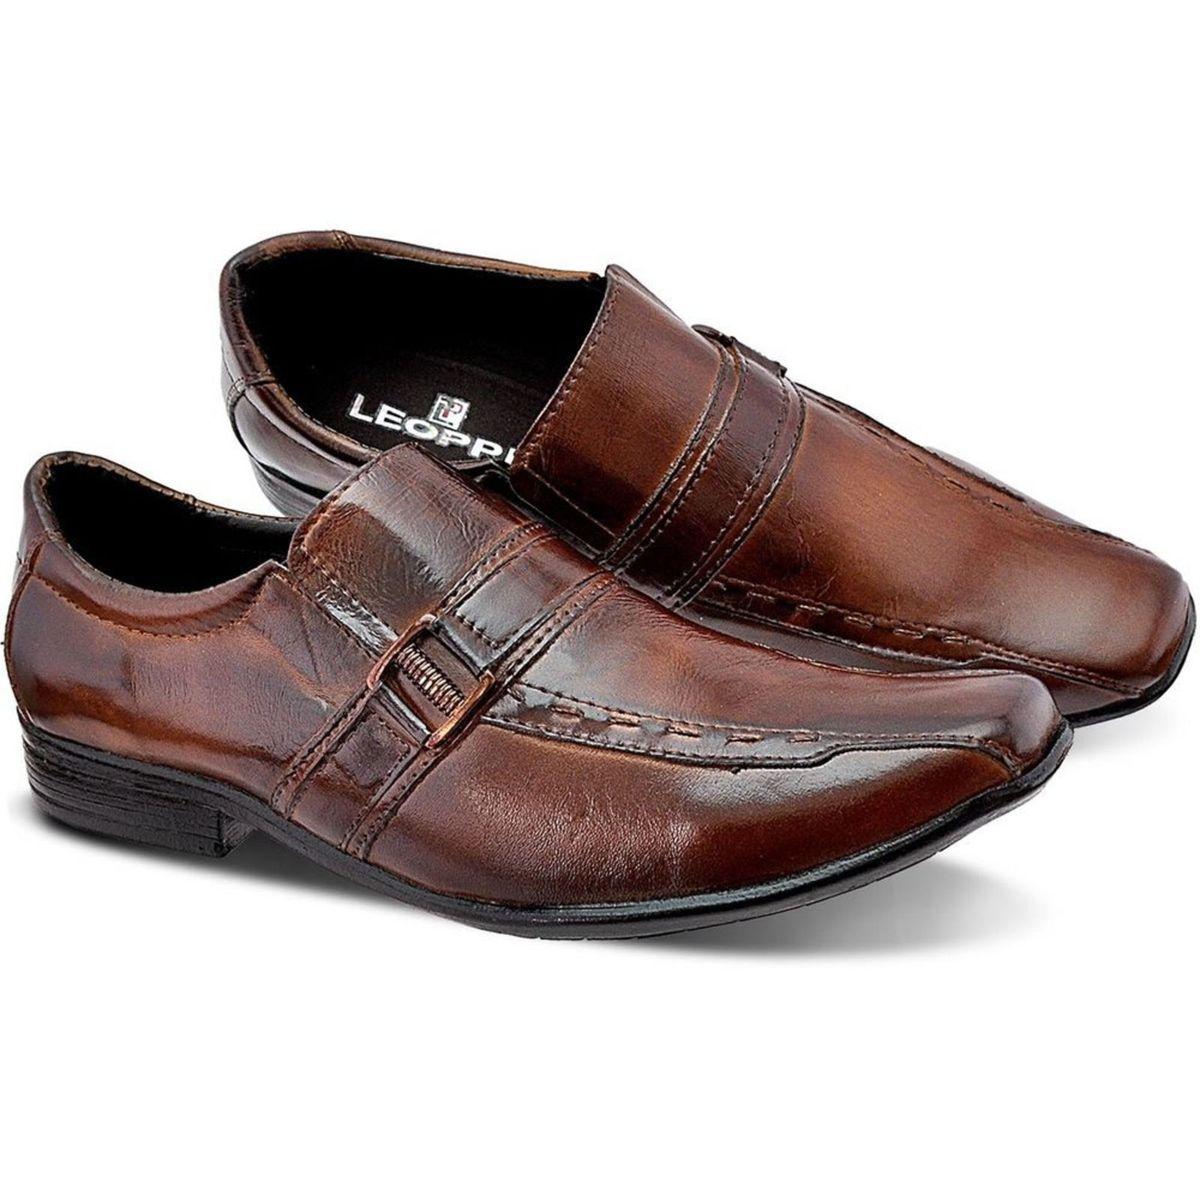 bc0f1c476 Sapato Social Masculino Couro Legítimo Promoção | Sapato Masculino Leoppé  Nunca Usado 21878071 | enjoei